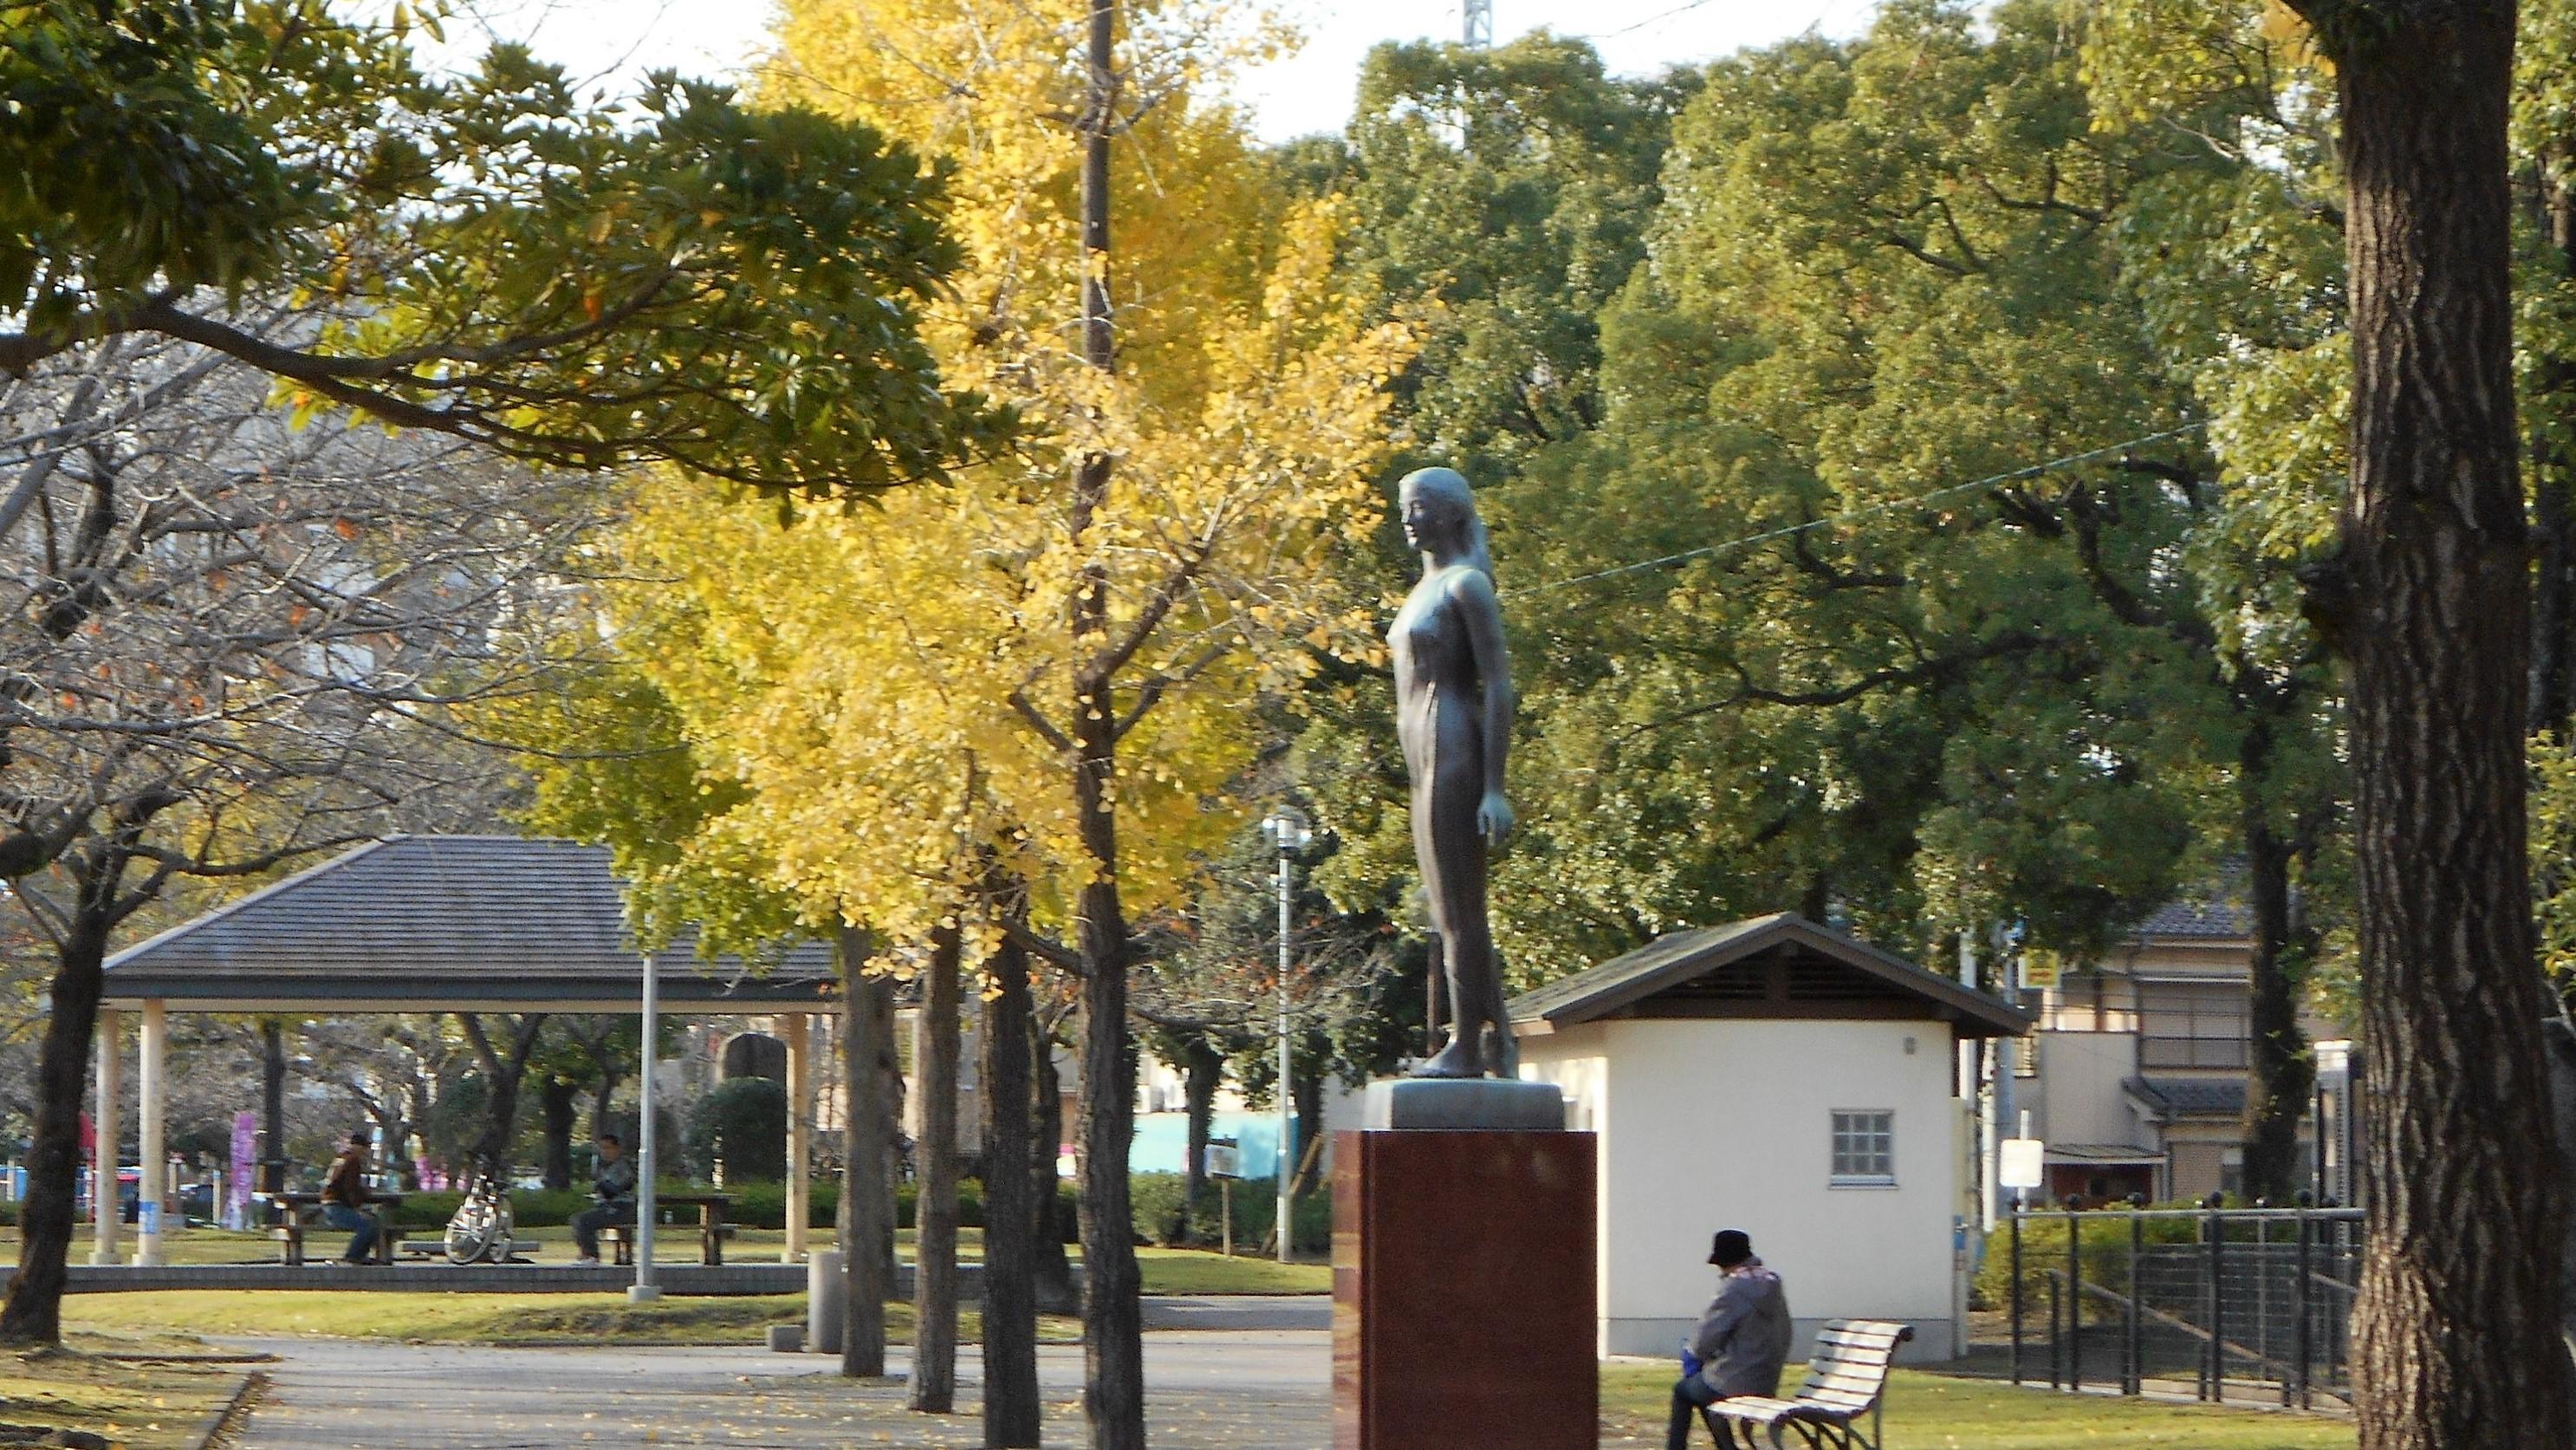 黄葉と野外彫刻